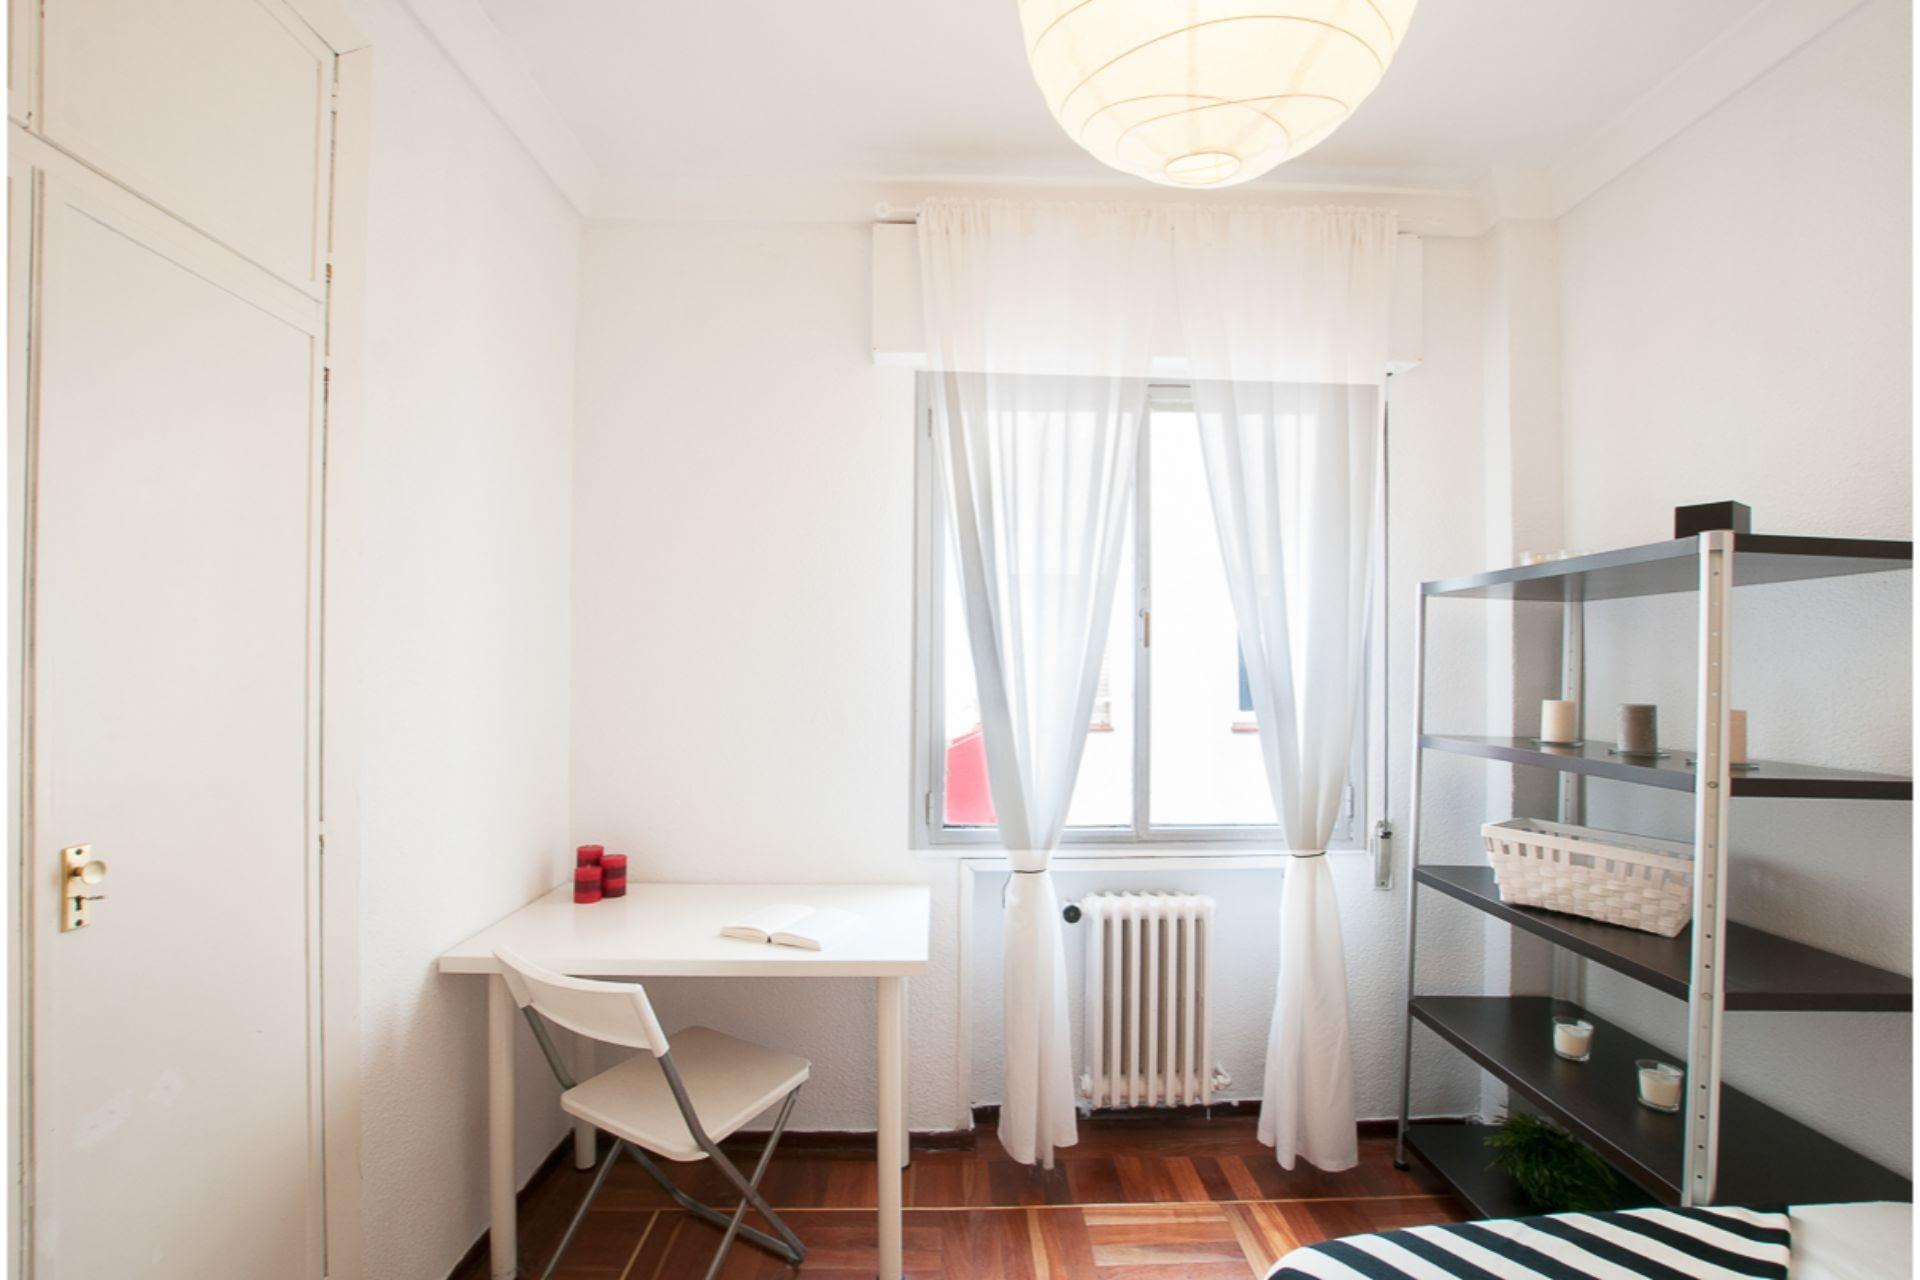 alquiler de habitaciones madrid martha